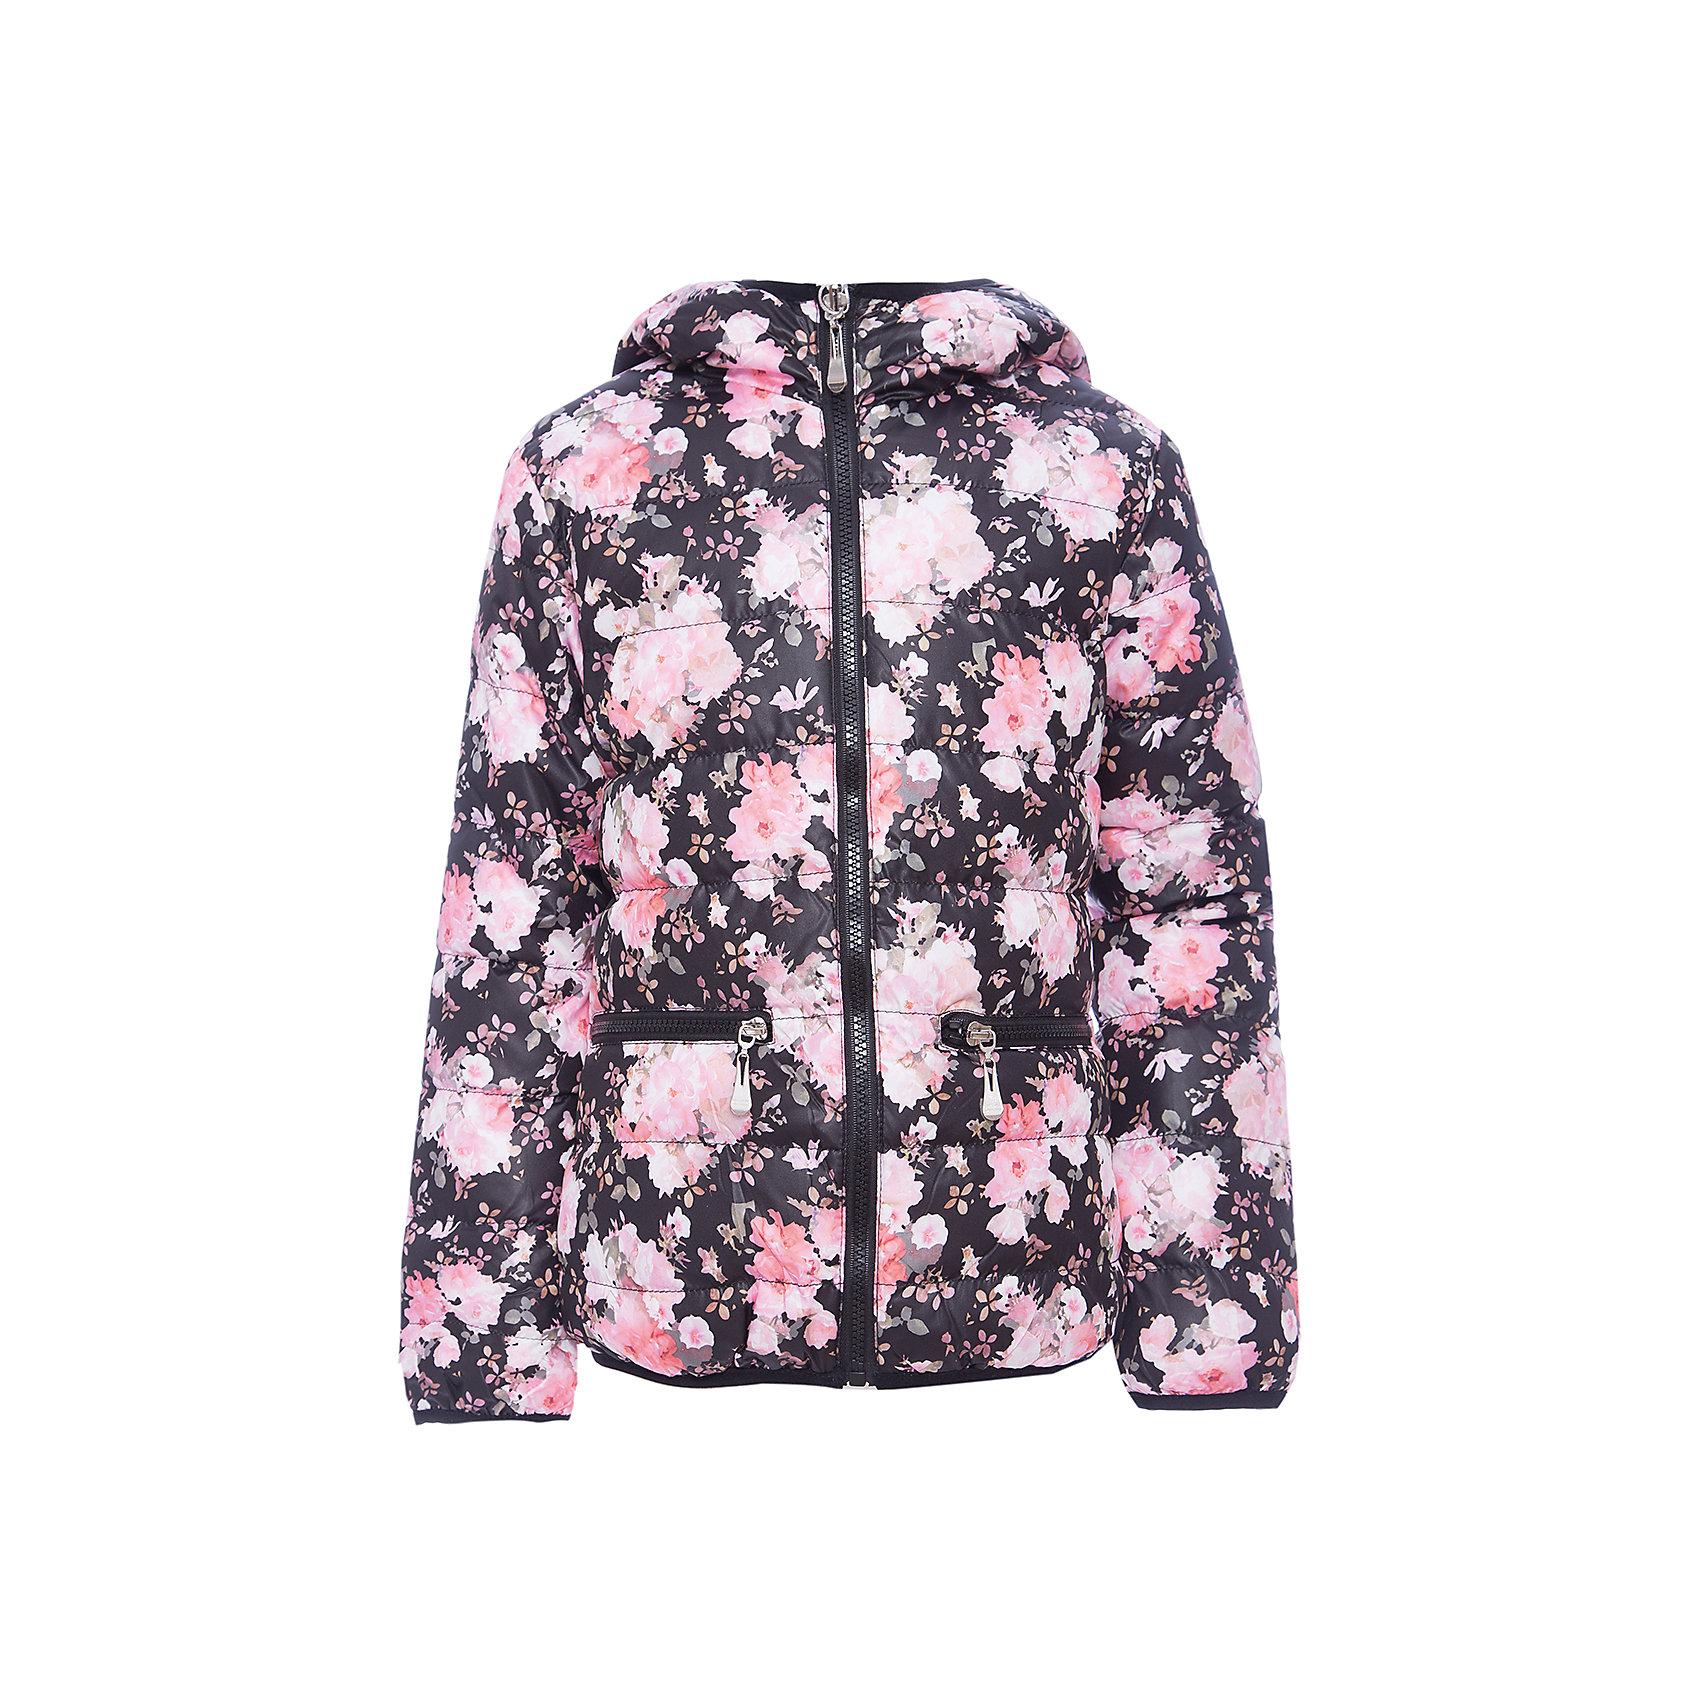 Куртка Luminoso для девочкиВерхняя одежда<br>Куртка Luminoso для девочки<br><br>Состав:<br>Верх: 100% полиэстер Подкладка: 100% полиэстер Наполнитель 100% полиэстер<br><br>Ширина мм: 356<br>Глубина мм: 10<br>Высота мм: 245<br>Вес г: 519<br>Цвет: черный<br>Возраст от месяцев: 156<br>Возраст до месяцев: 168<br>Пол: Женский<br>Возраст: Детский<br>Размер: 164,134,140,146,152,158<br>SKU: 7097103